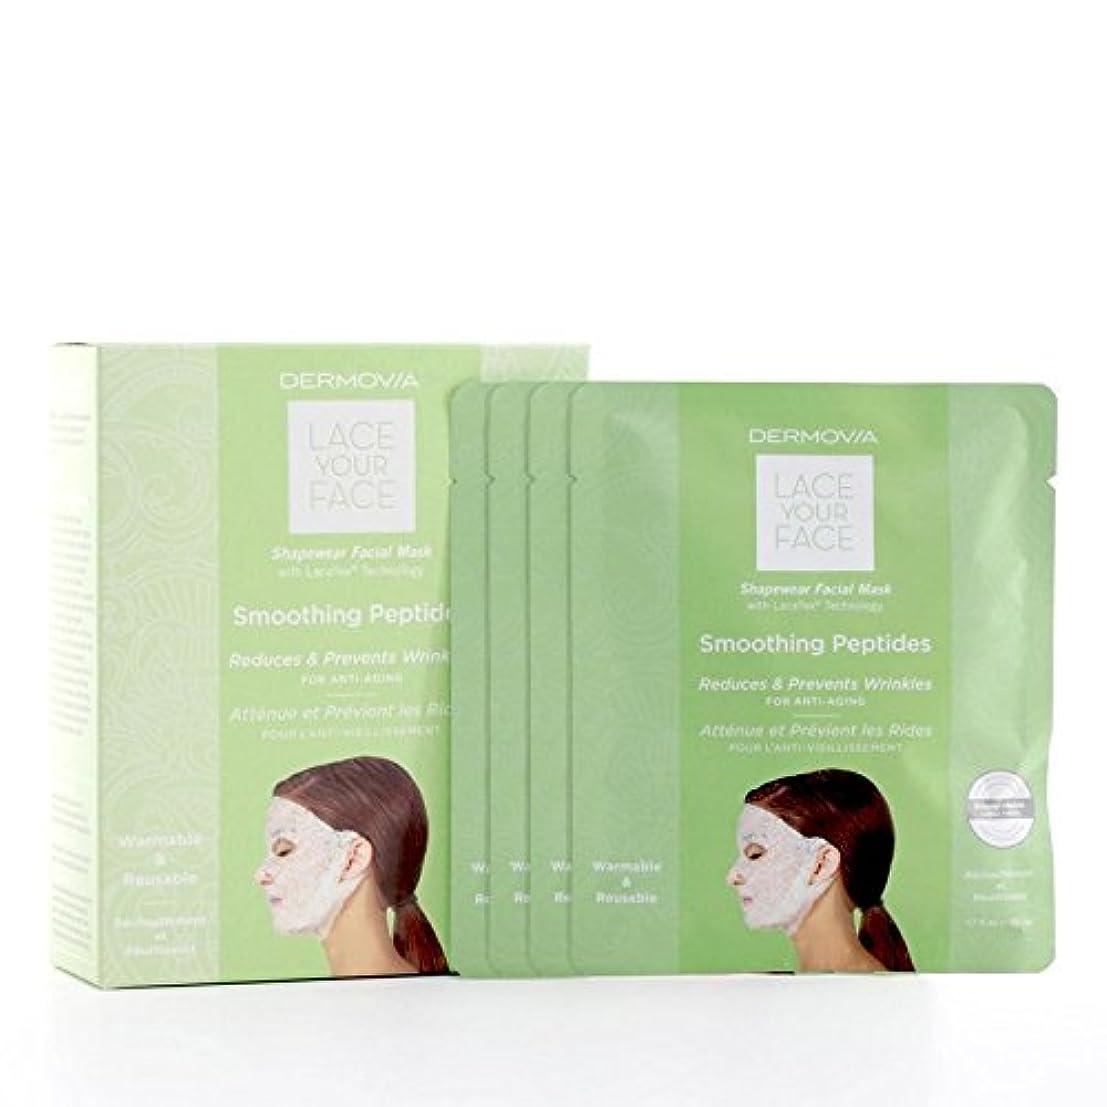 子供っぽいホールドパラメータは、あなたの顔の圧縮フェイシャルマスク平滑化ペプチドをひもで締めます x4 - Dermovia Lace Your Face Compression Facial Mask Smoothing Peptides (Pack...